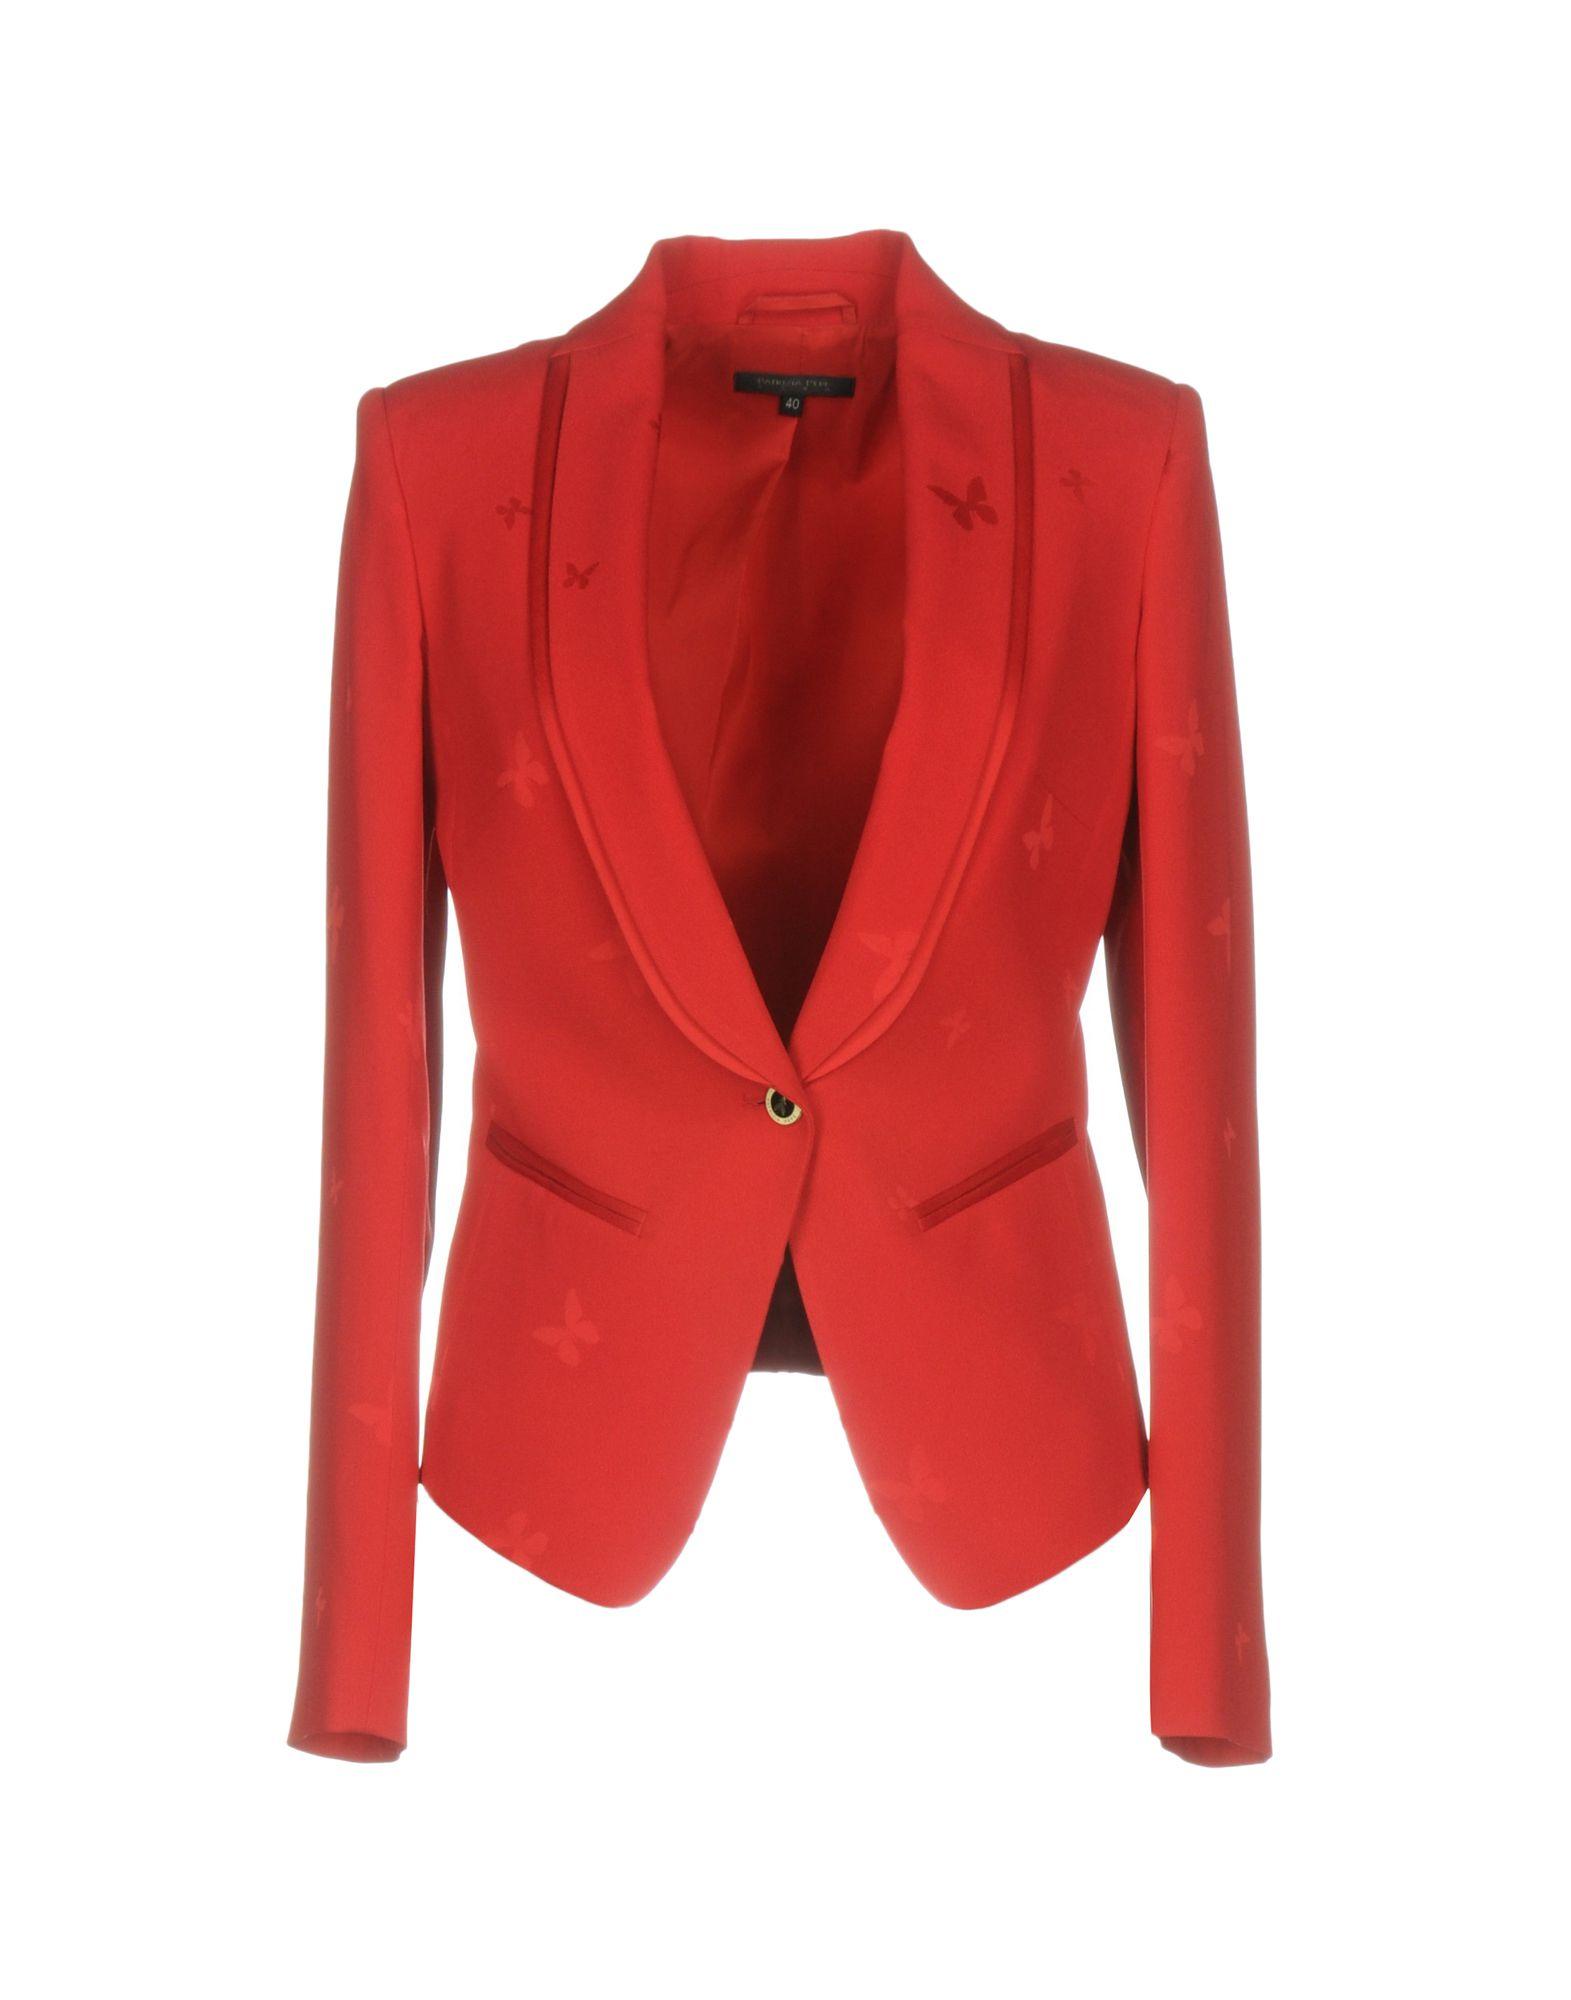 Rosso di sera fashion 51